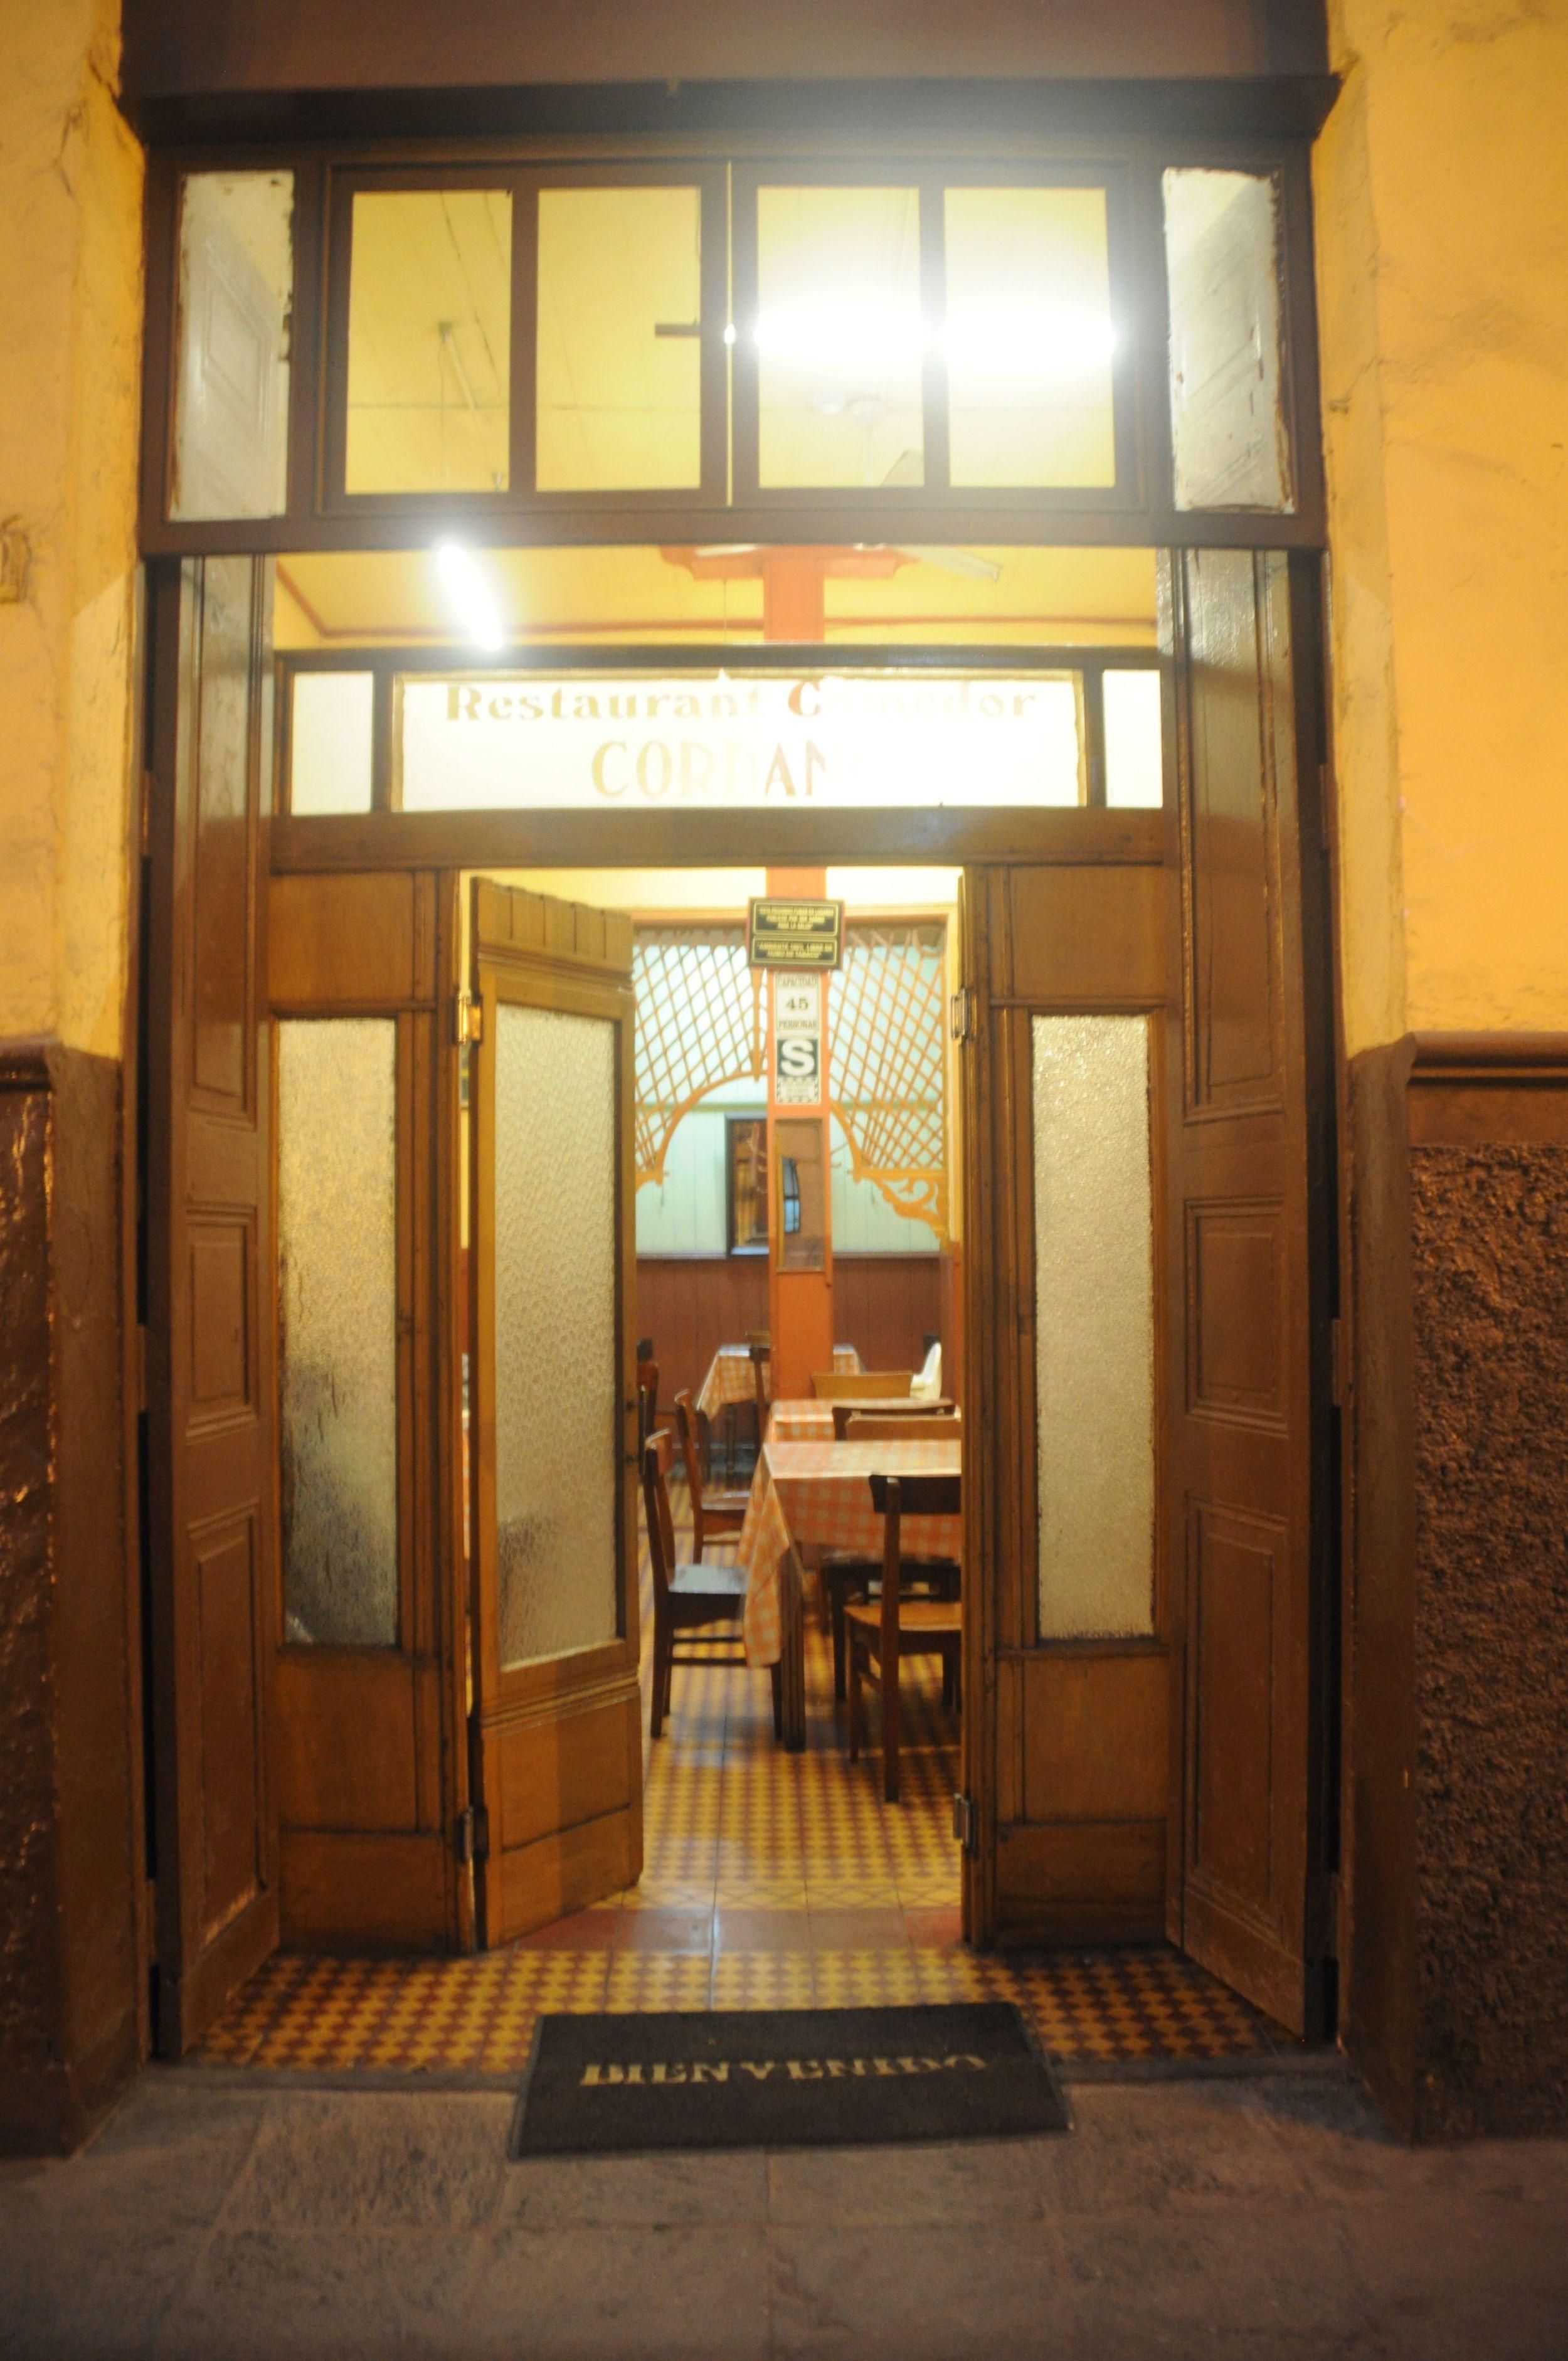 The Bar Cordona